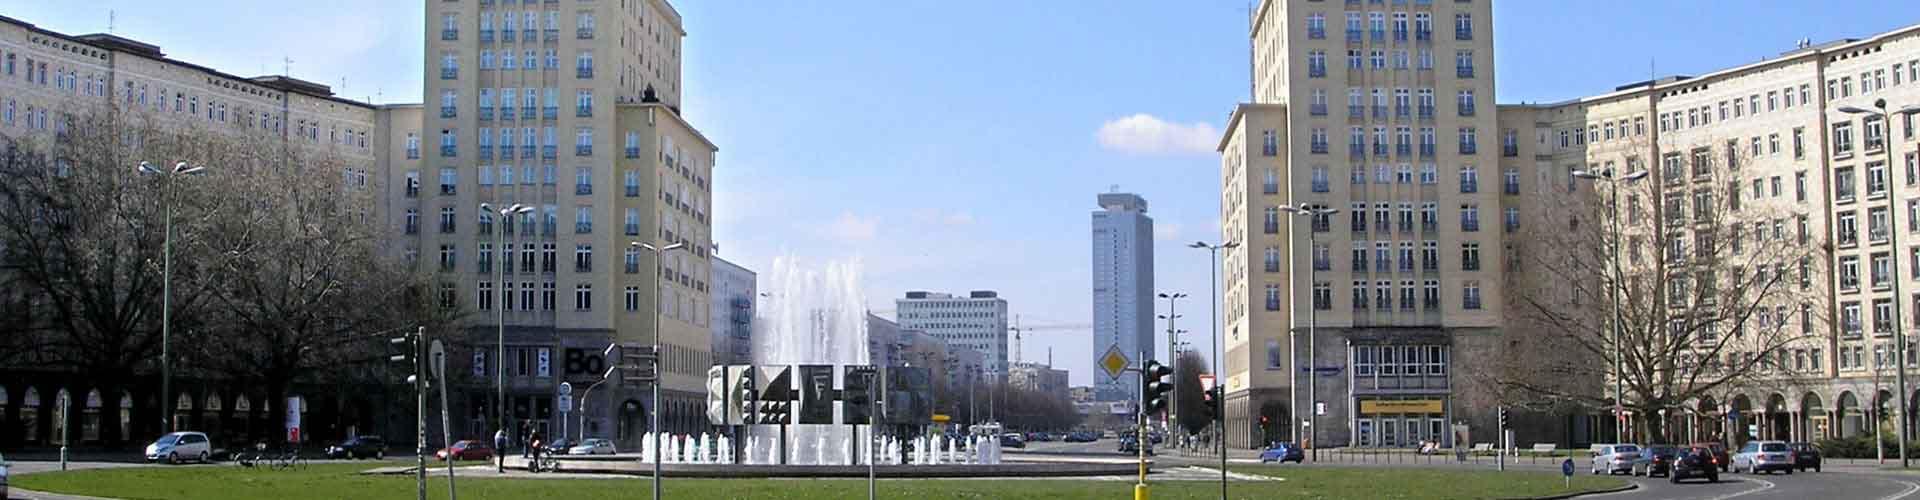 Berlín - Albergues cerca a Karl-Marx-Allee. Mapas de Berlín, Fotos y Comentarios para cada Albergue en Berlín.